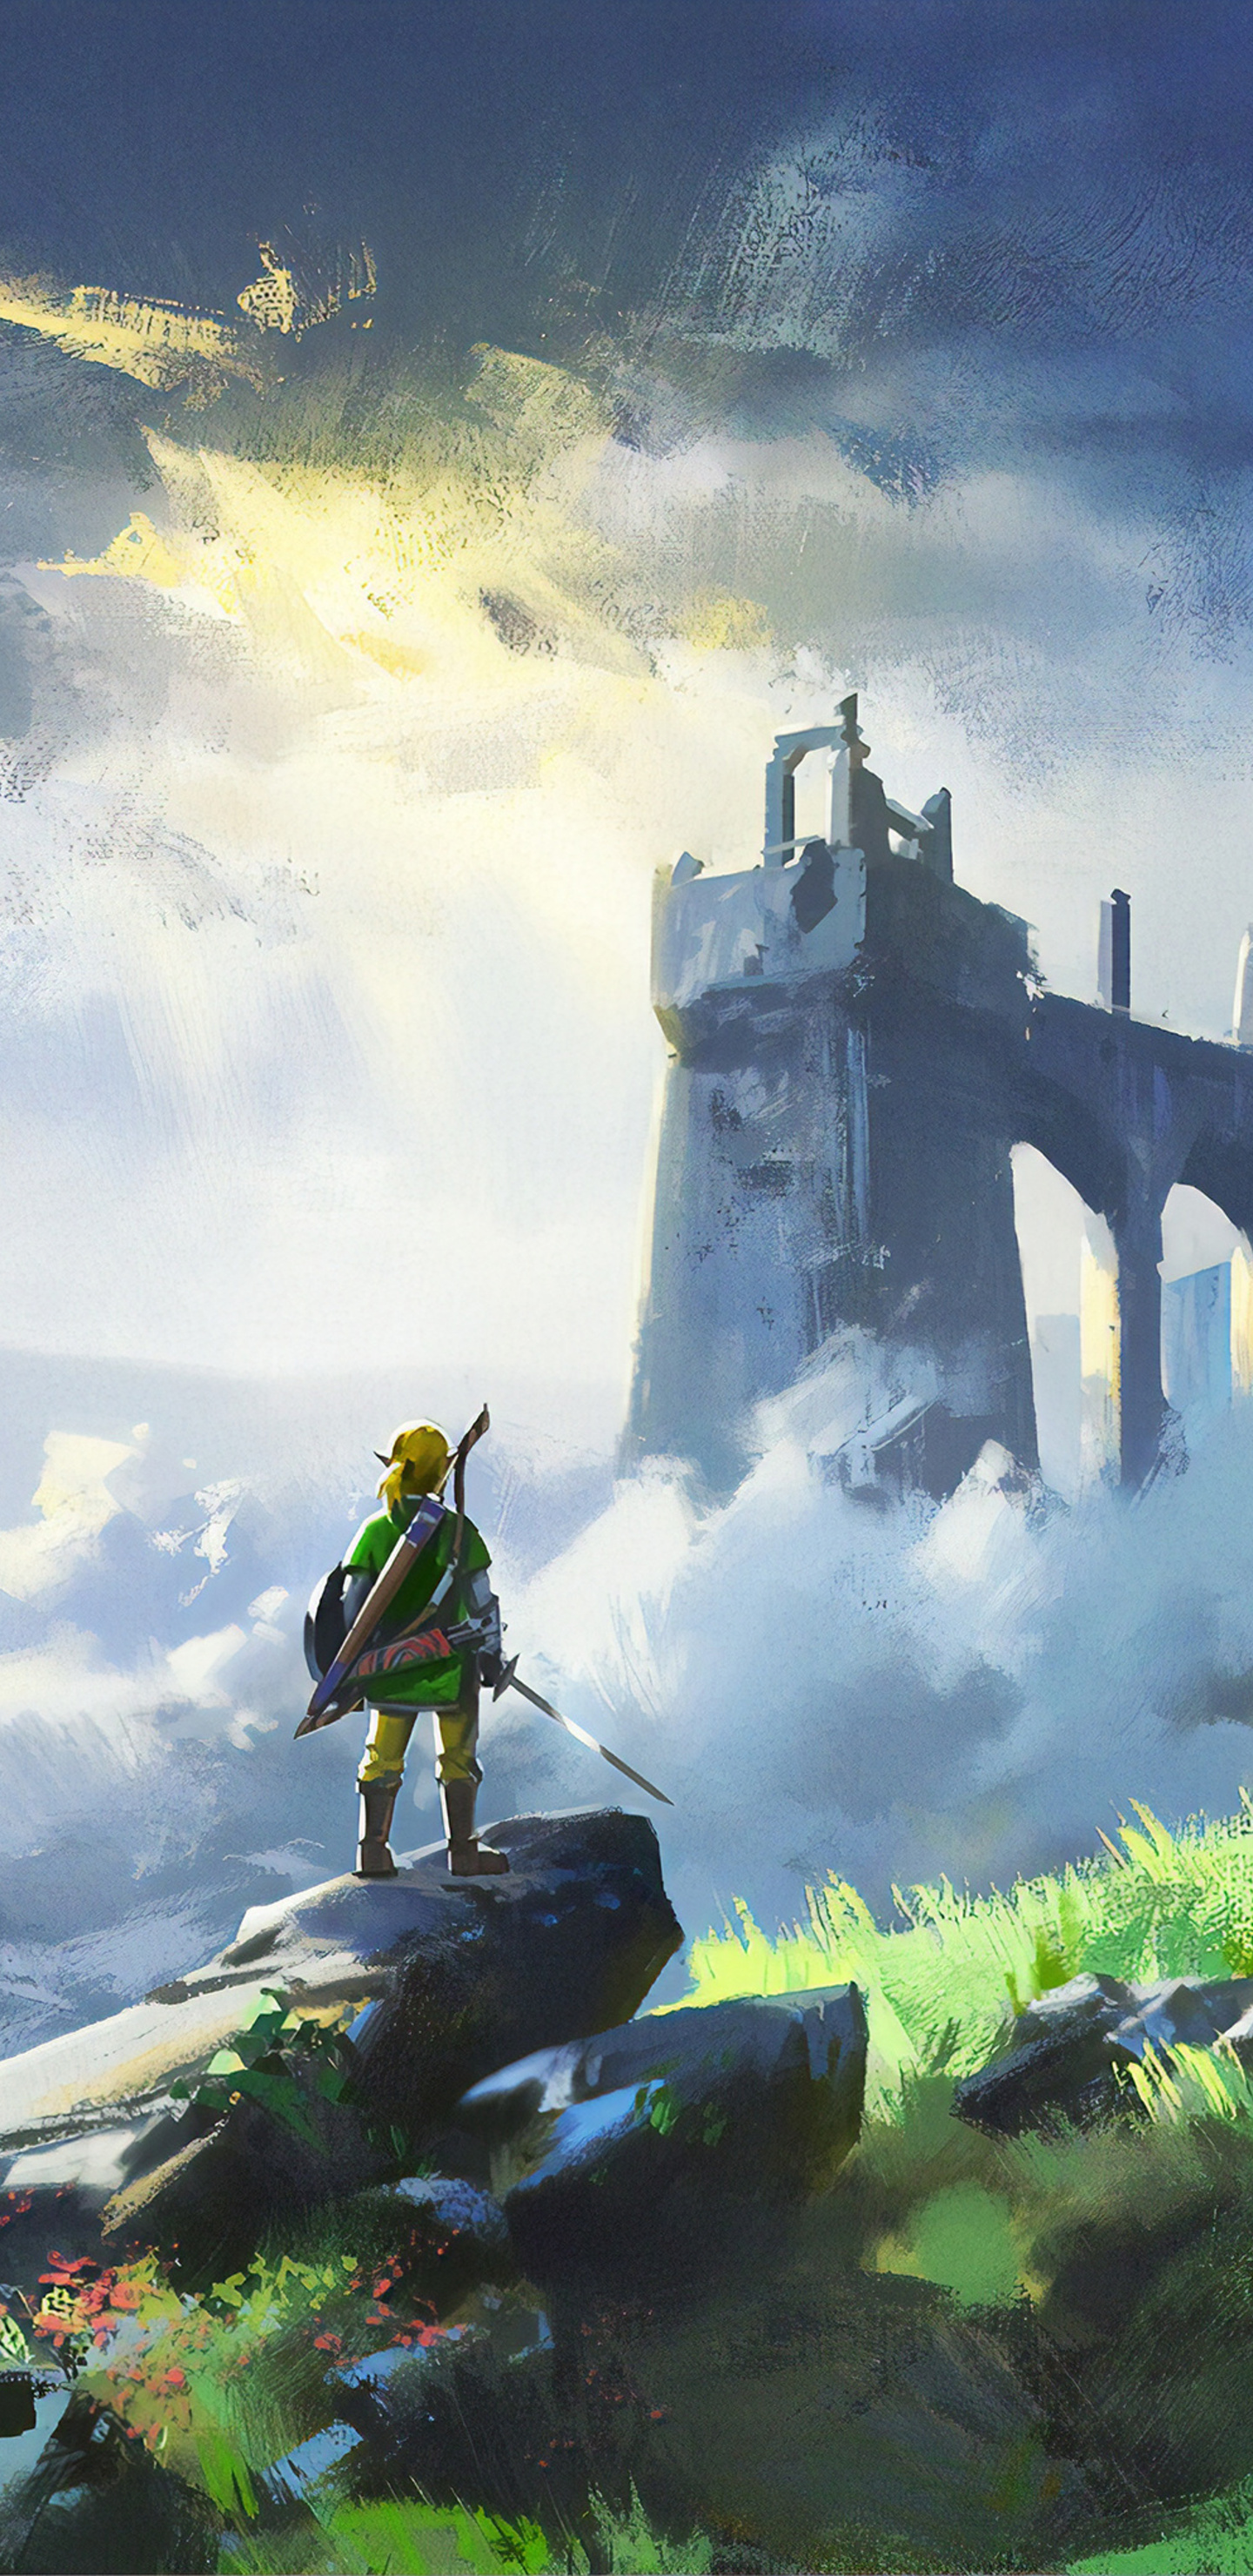 1440x2960 The Legend Of Zelda Breath Of Wild Game 4k Samsung